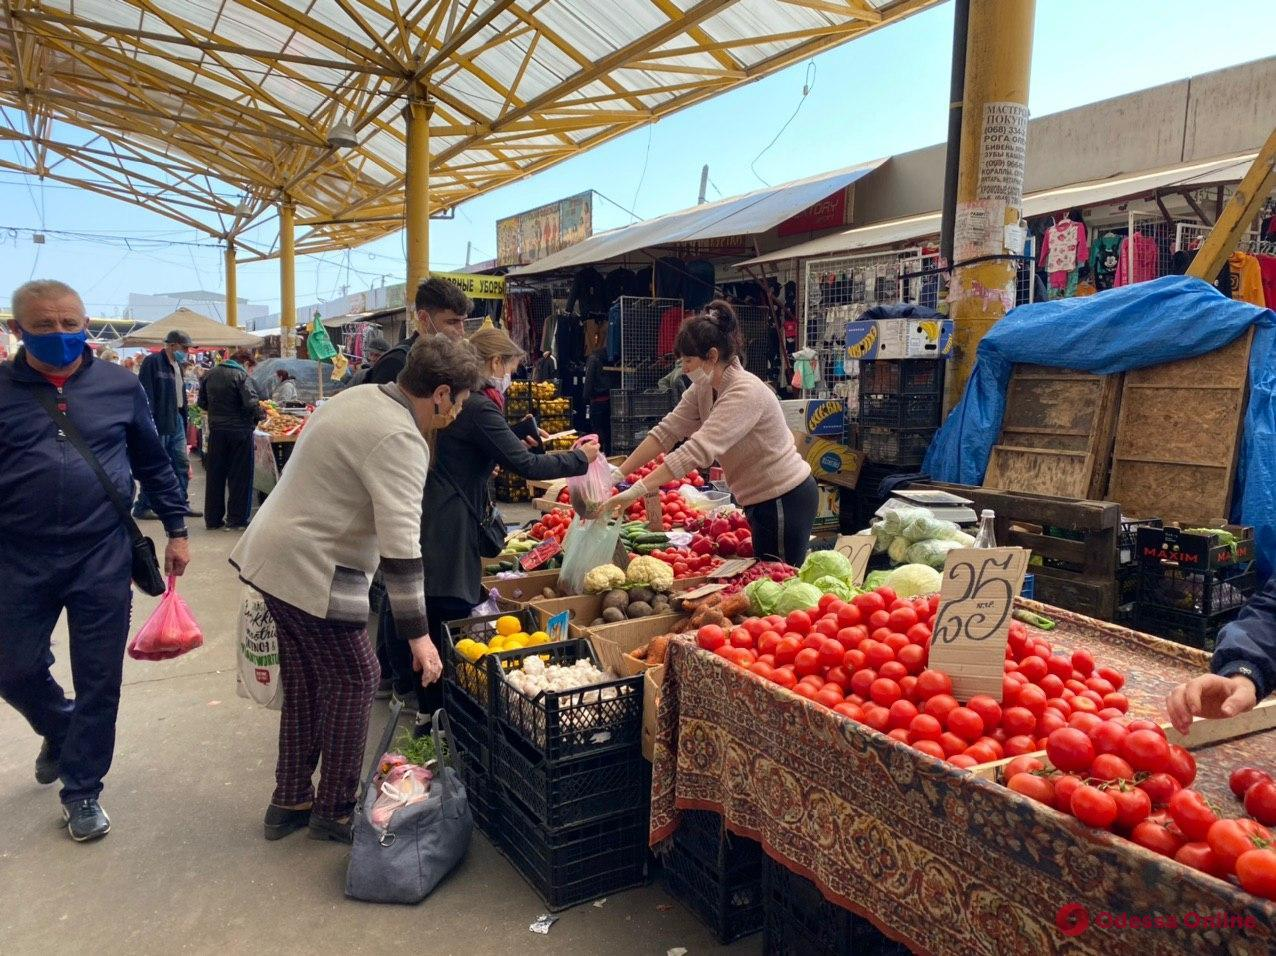 В Одессе открылись рынки: горожане активно делают базар на «Привозе» (фото)